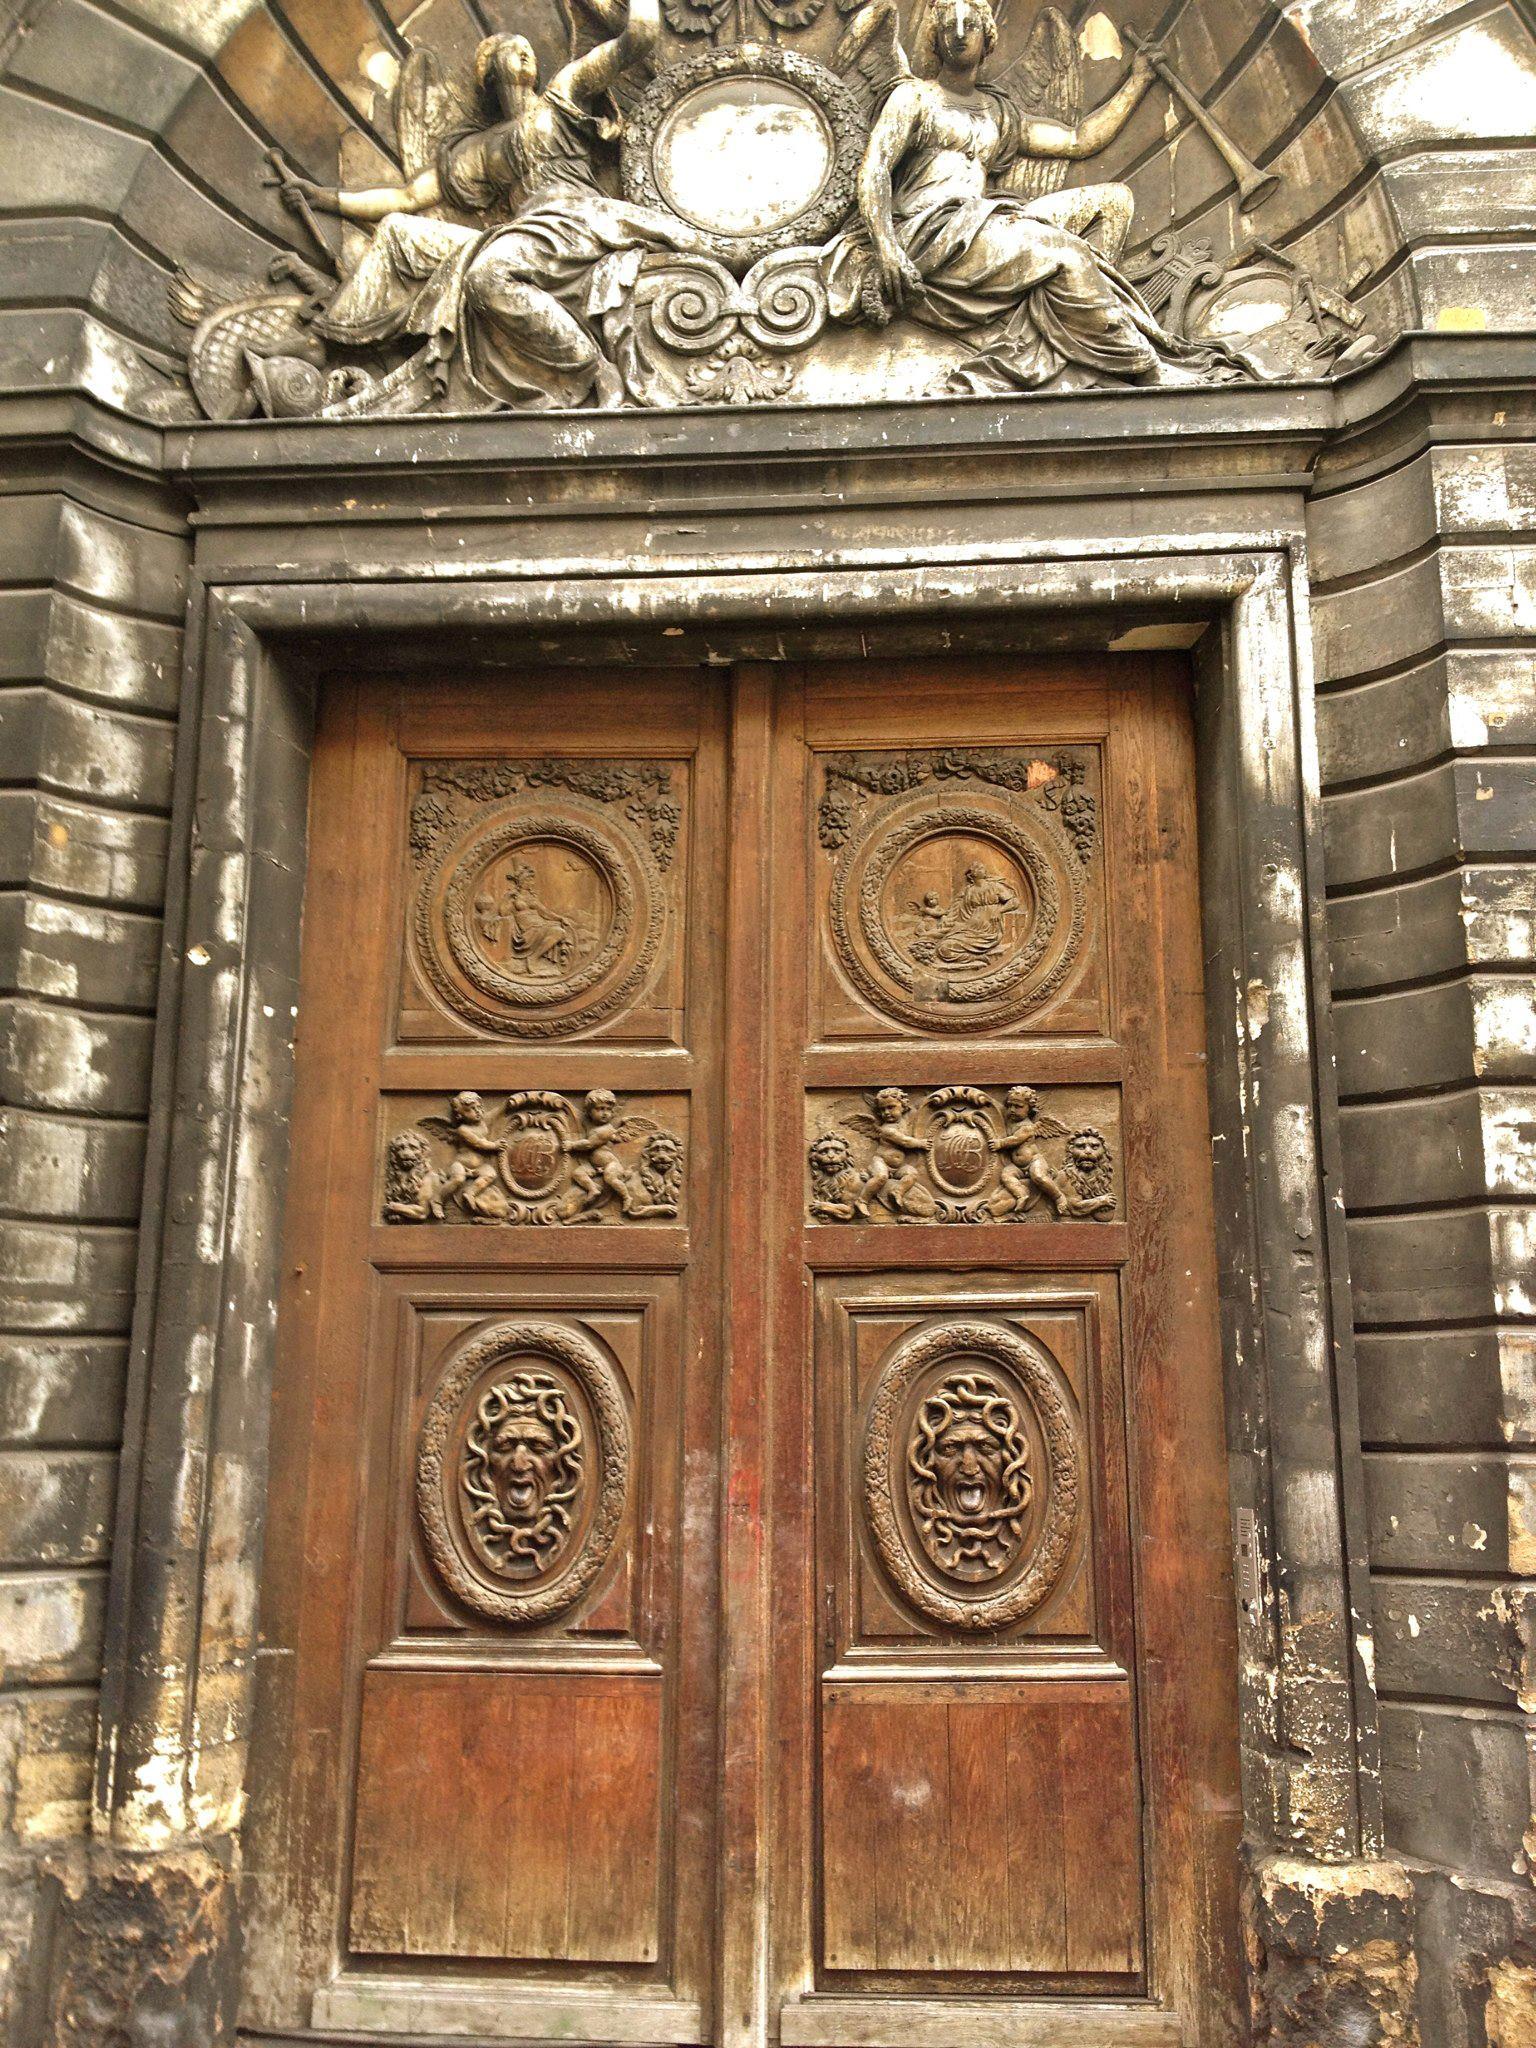 door showing Janus god of doors